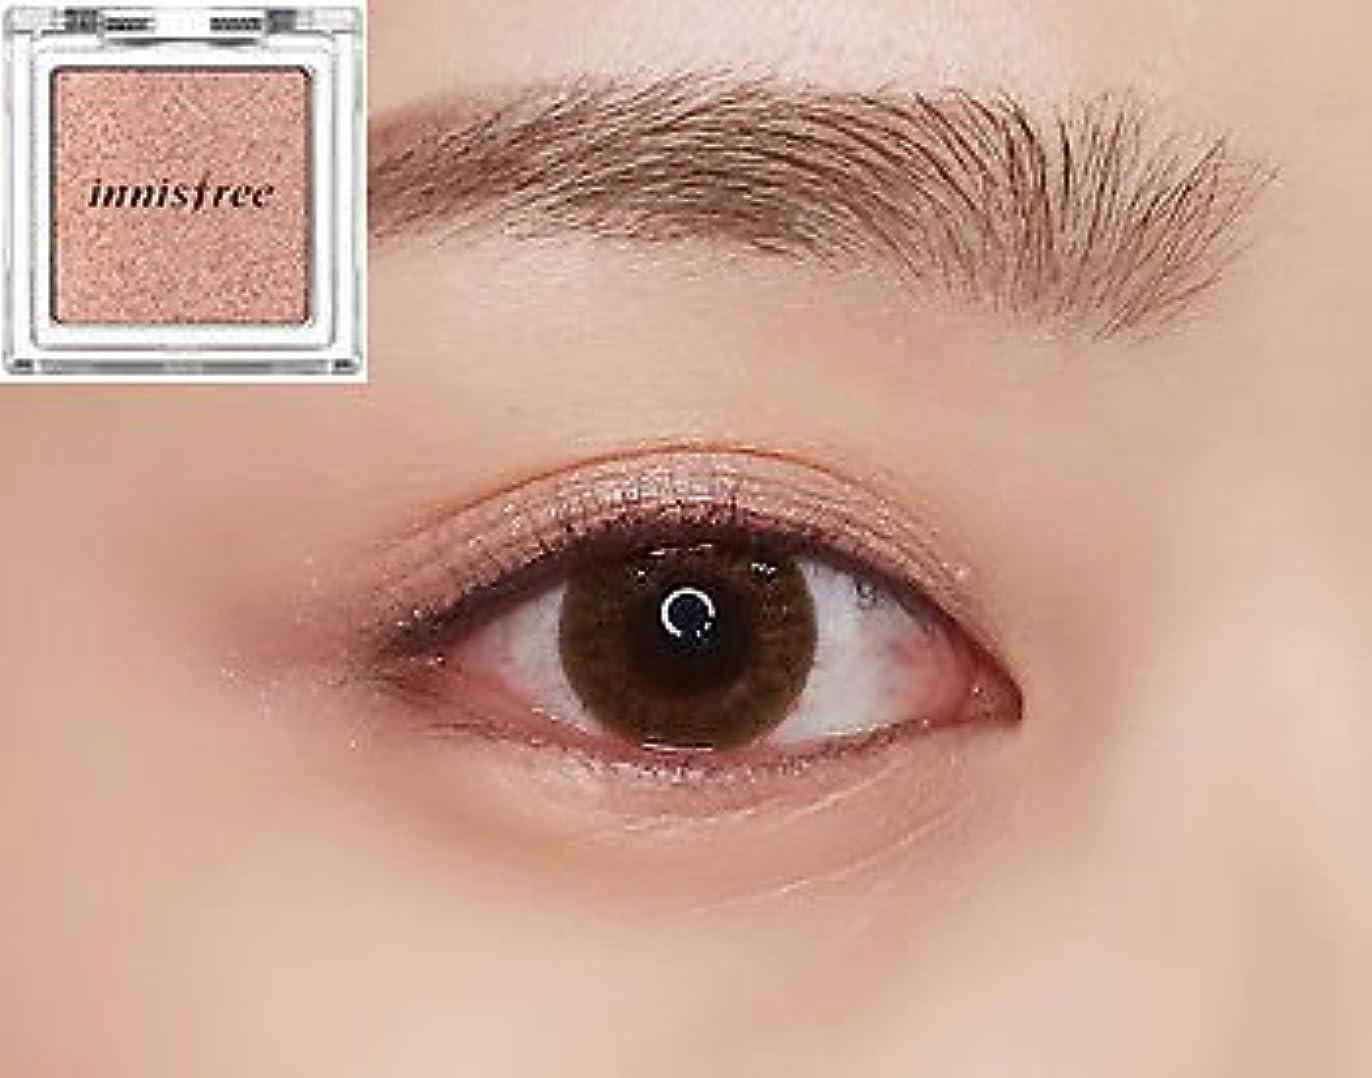 地上で滴下風変わりな[イニスフリー] innisfree [マイ パレット マイ アイシャドウ (グリッタ一) 25カラー] MY PALETTE My Eyeshadow (Glitter) 25 Shades [海外直送品] (グリッタ...